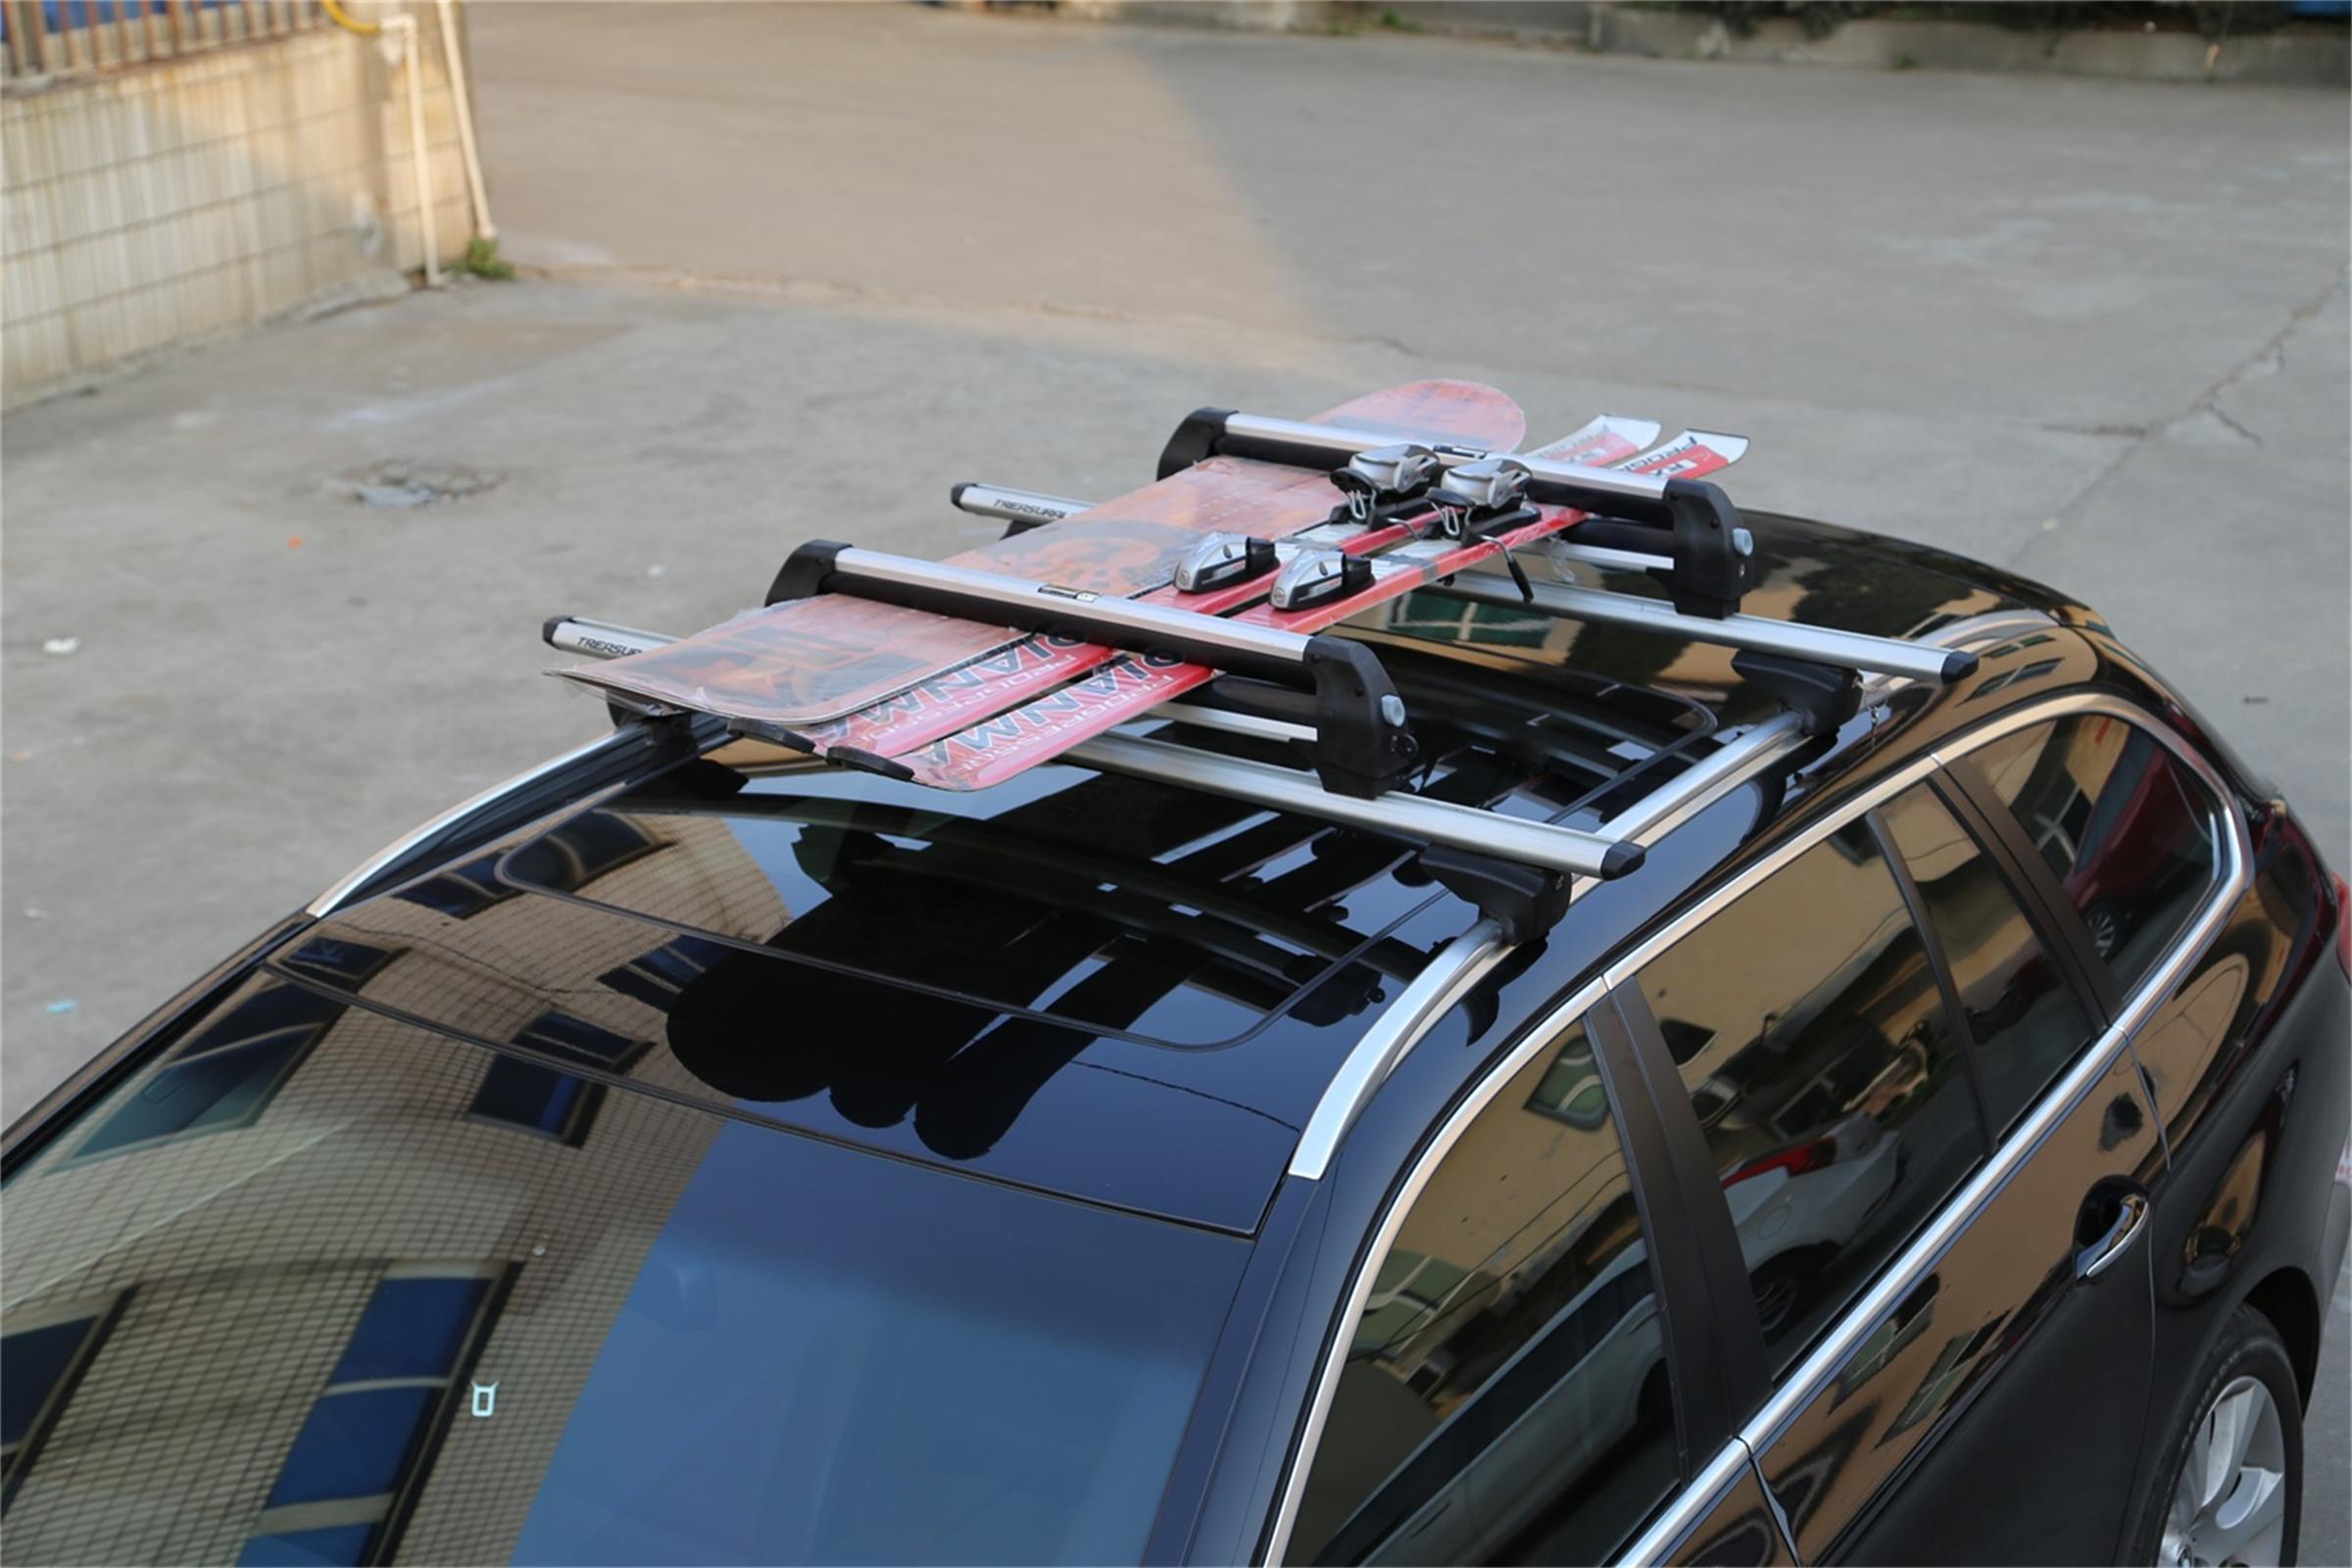 car accessories in made for board fabbri italy en huski ski rack portatutto quadrata autosb